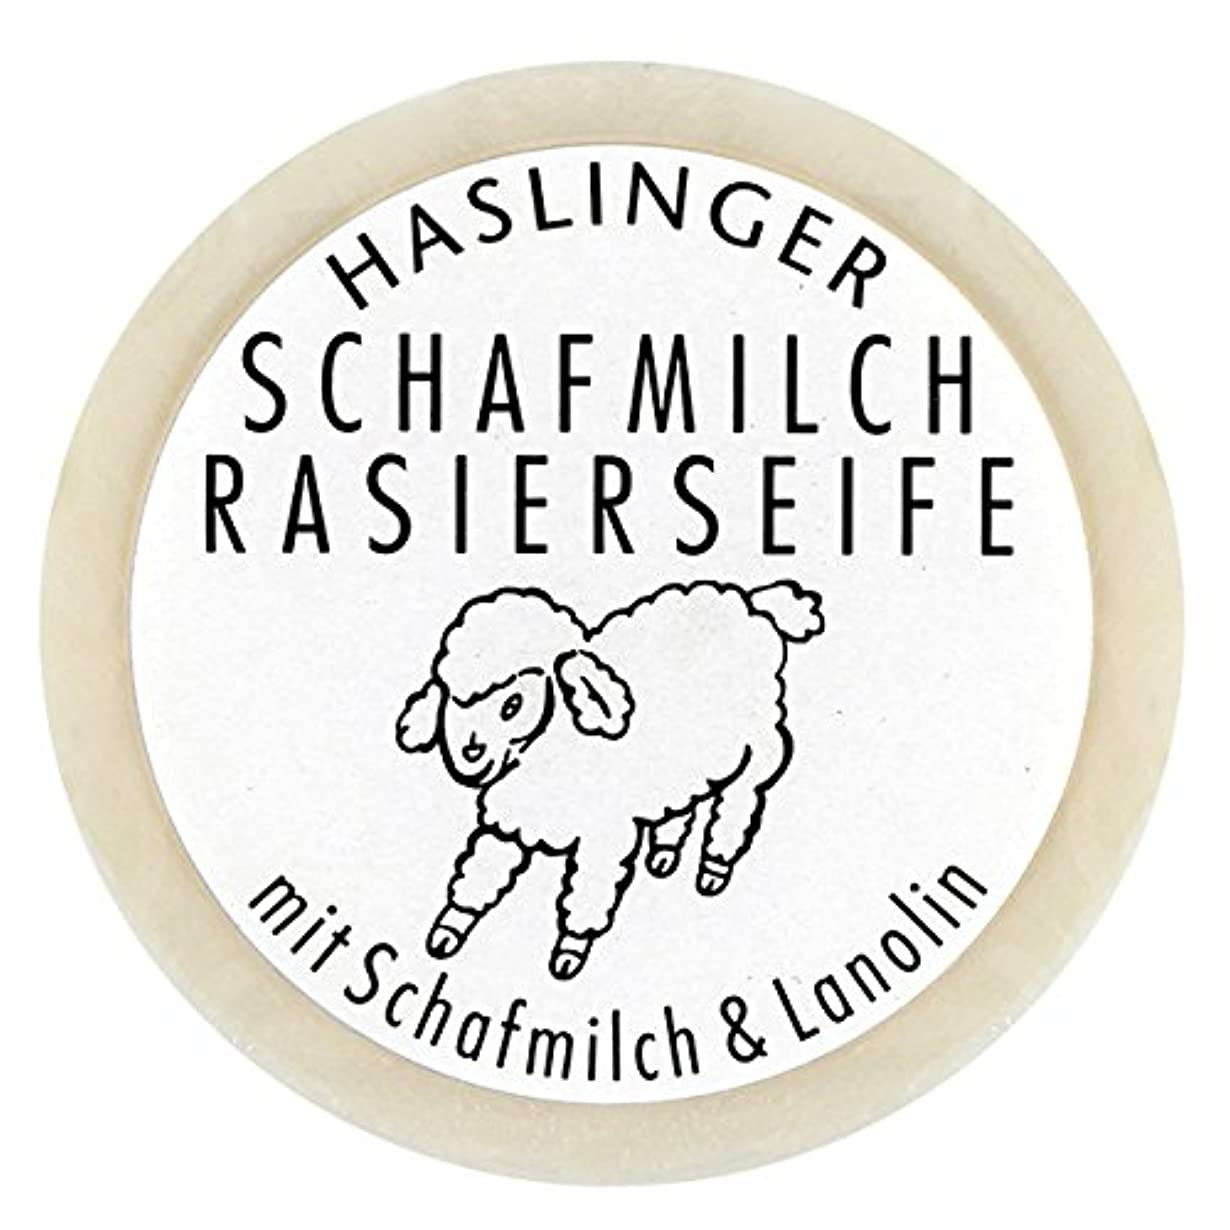 ホテルマスタード第四Schafmilch Rasierseife (Ewe`s Milk Shave Soap) 60g soap bar by Haslinger by Haslinger